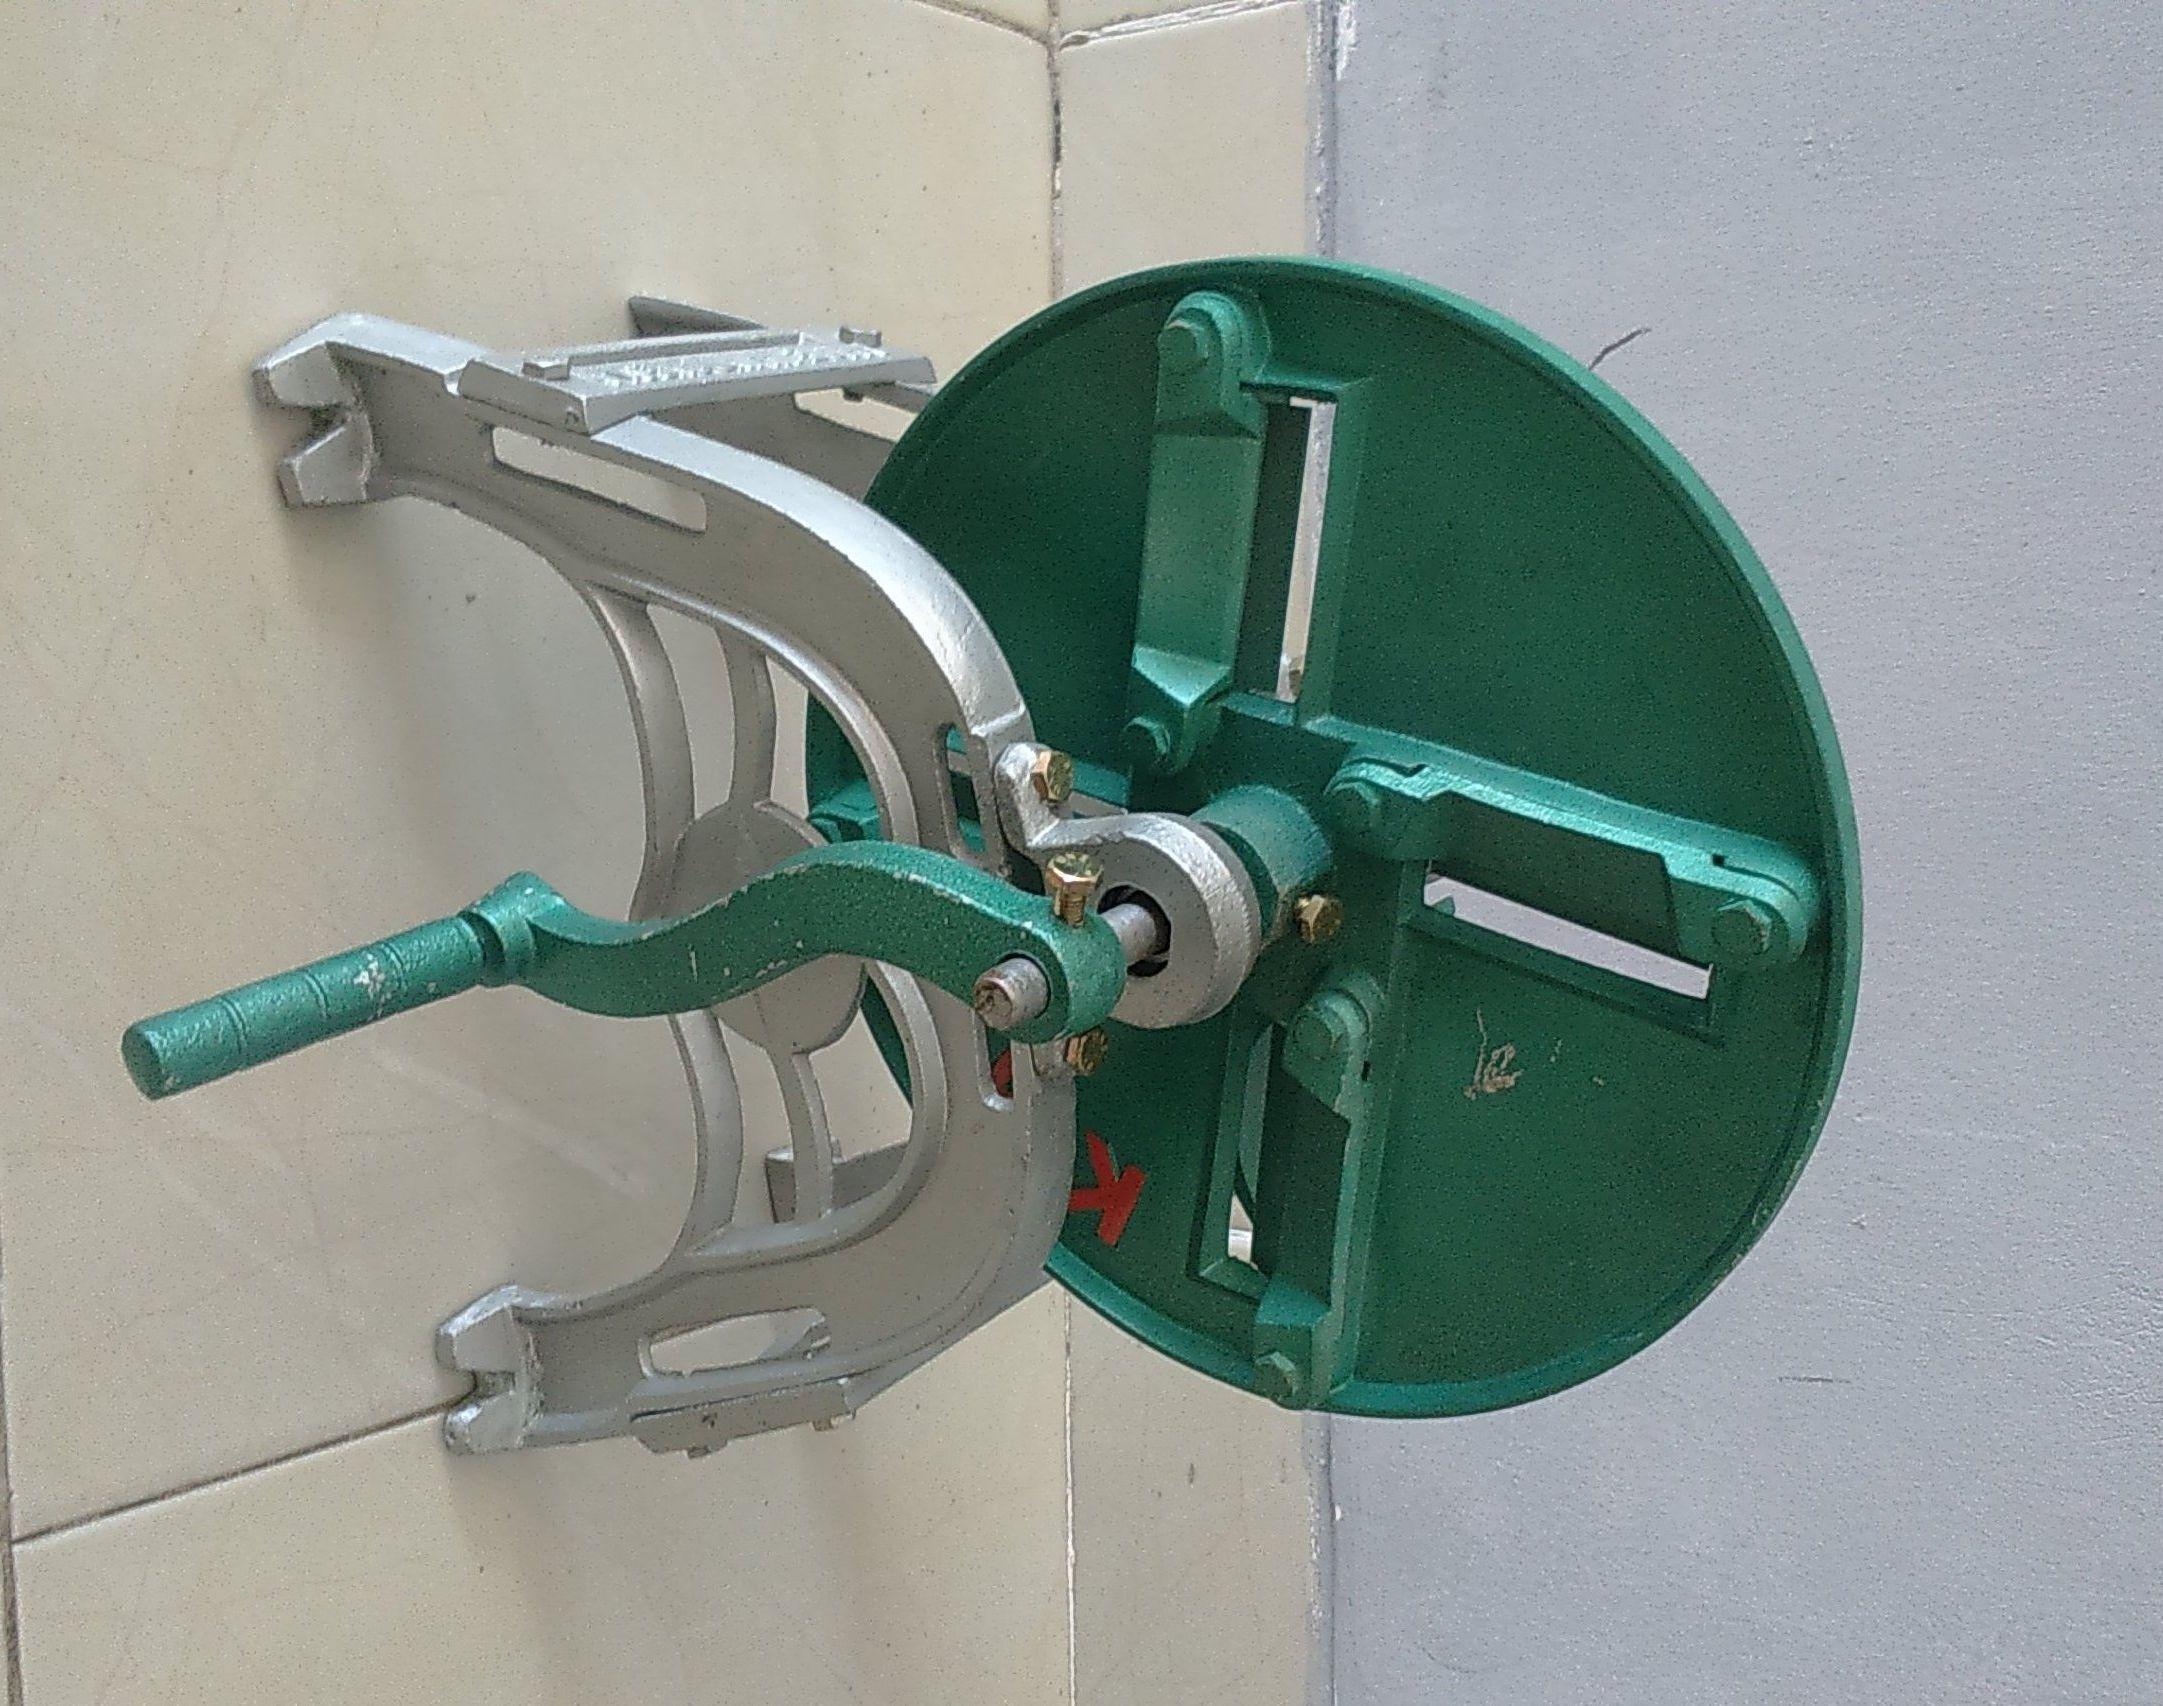 Mesin Perajang Keripik Manual Adalah Yang Digunakan Untuk Mixer Adonan Baglog Merajang Seperti Singkong Kerupuk Dll